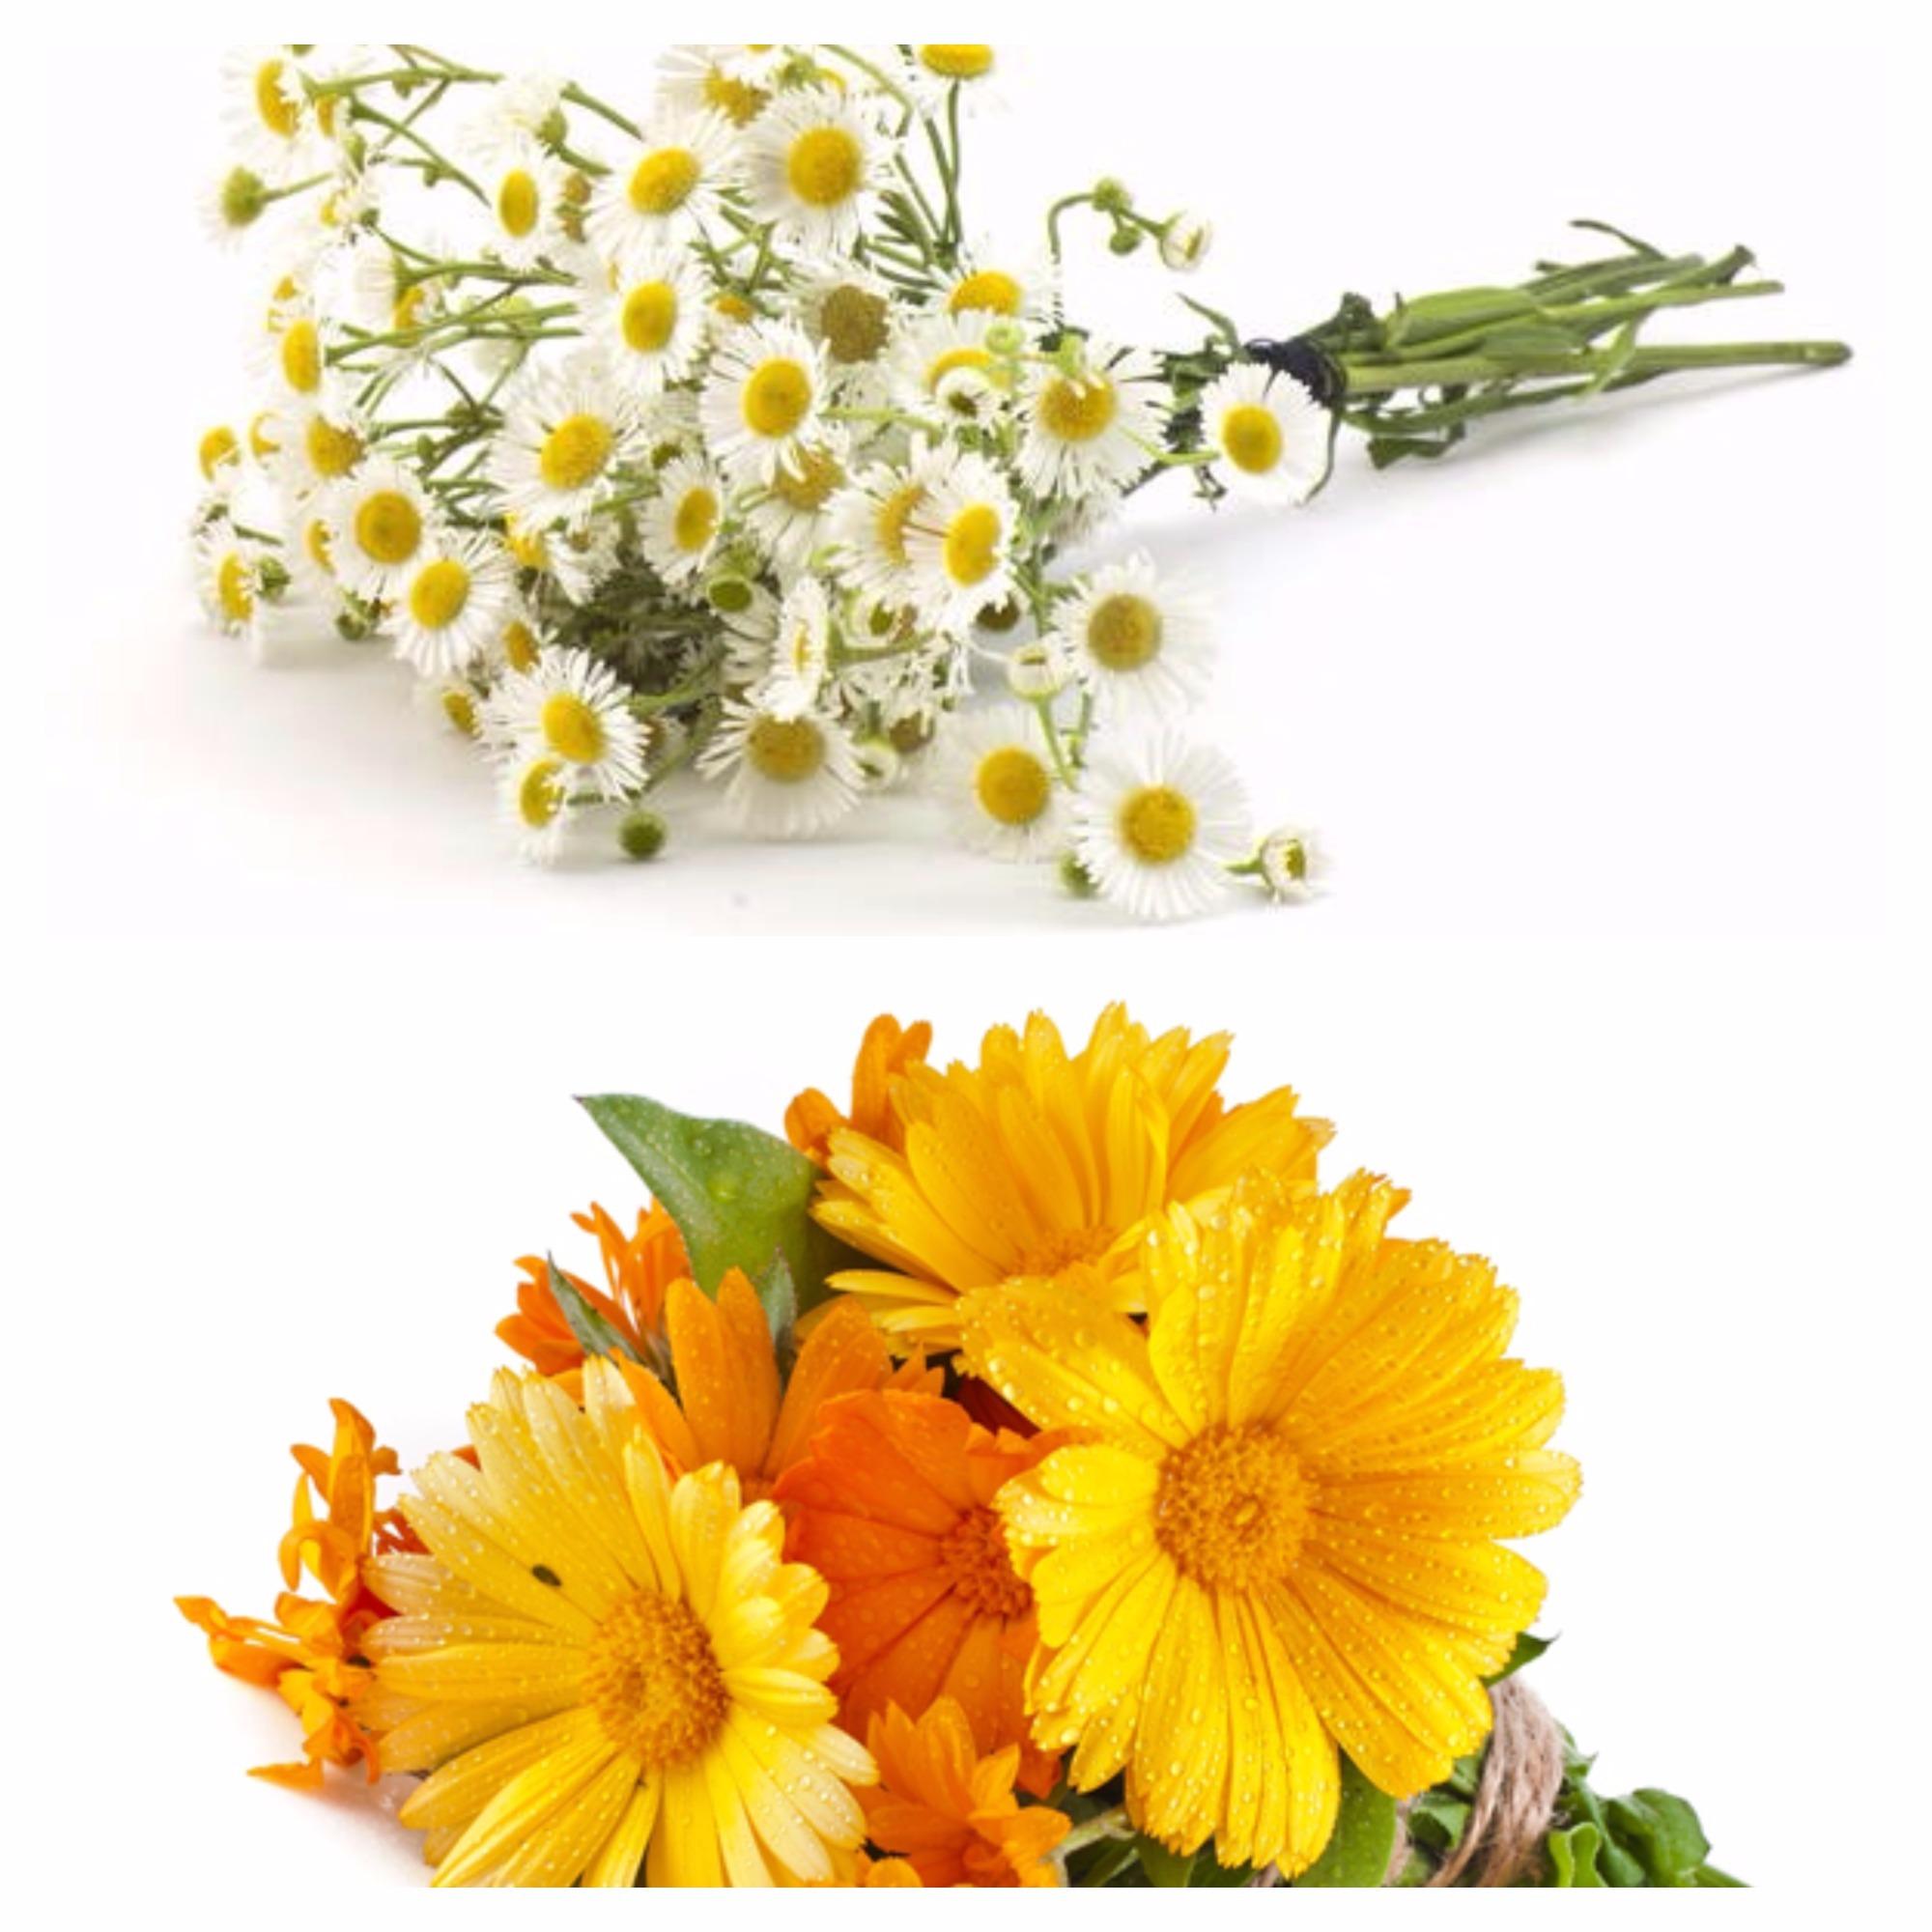 Sanatate din natura cu flori de galbenele si musetel